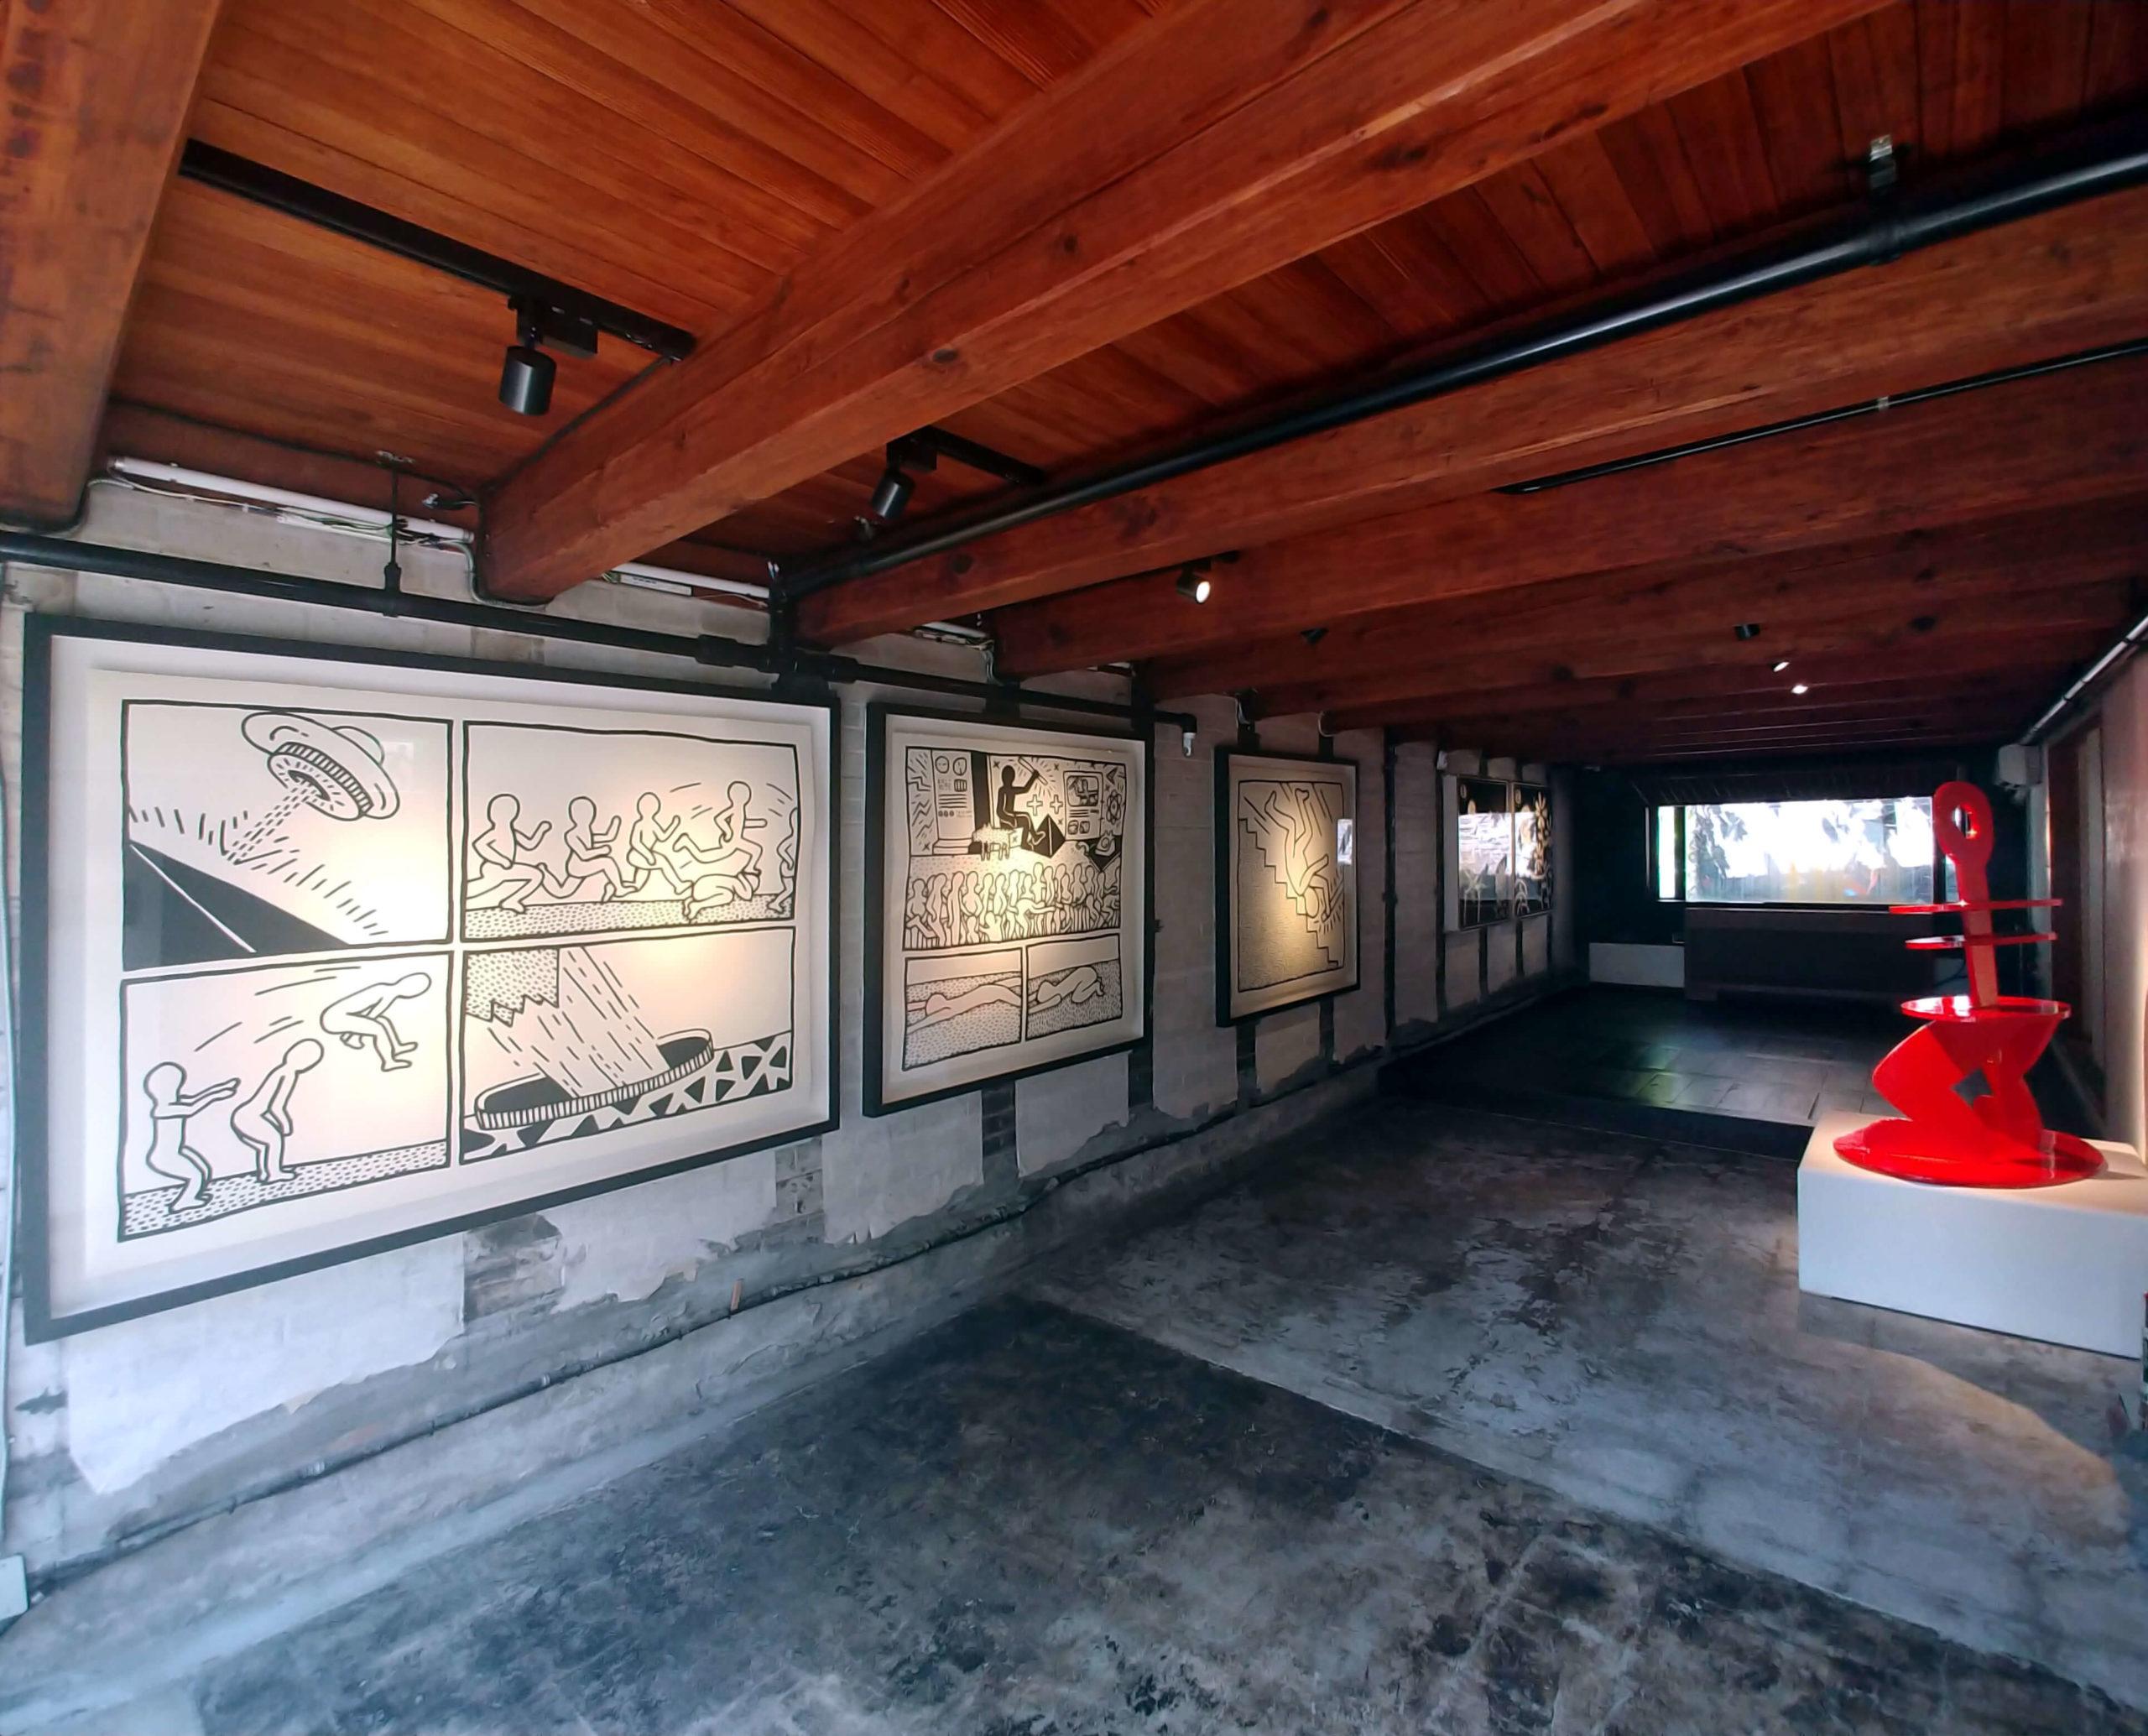 Seoul, Arario Museum in Space